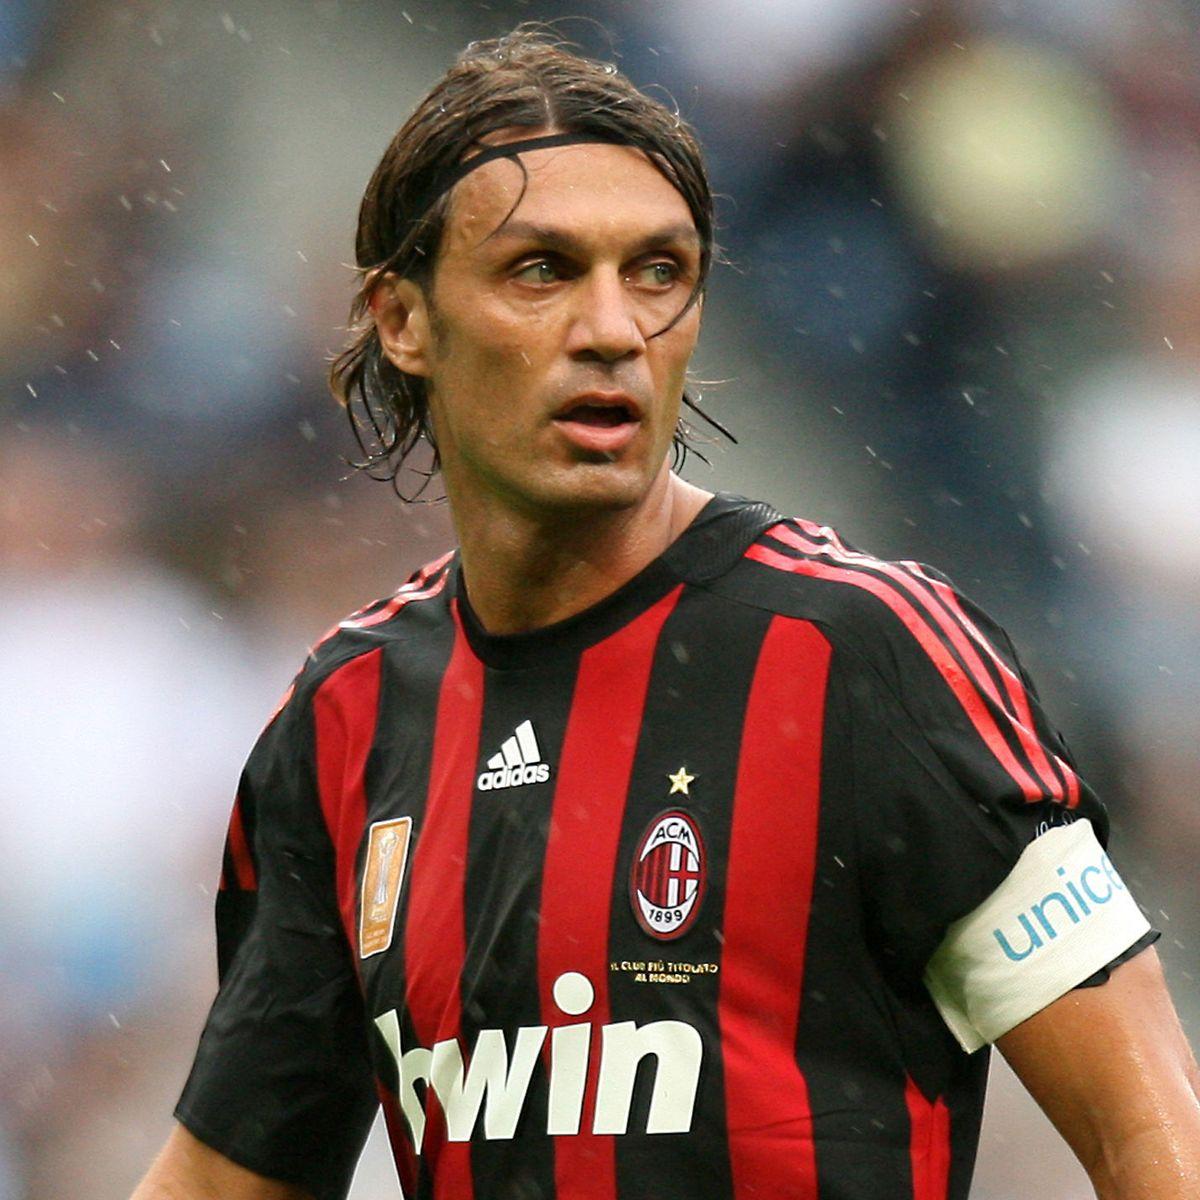 AC Milan: Paolo Cesar Maldini, Pemain Yang Melegenda & Dinasti Maldini 4